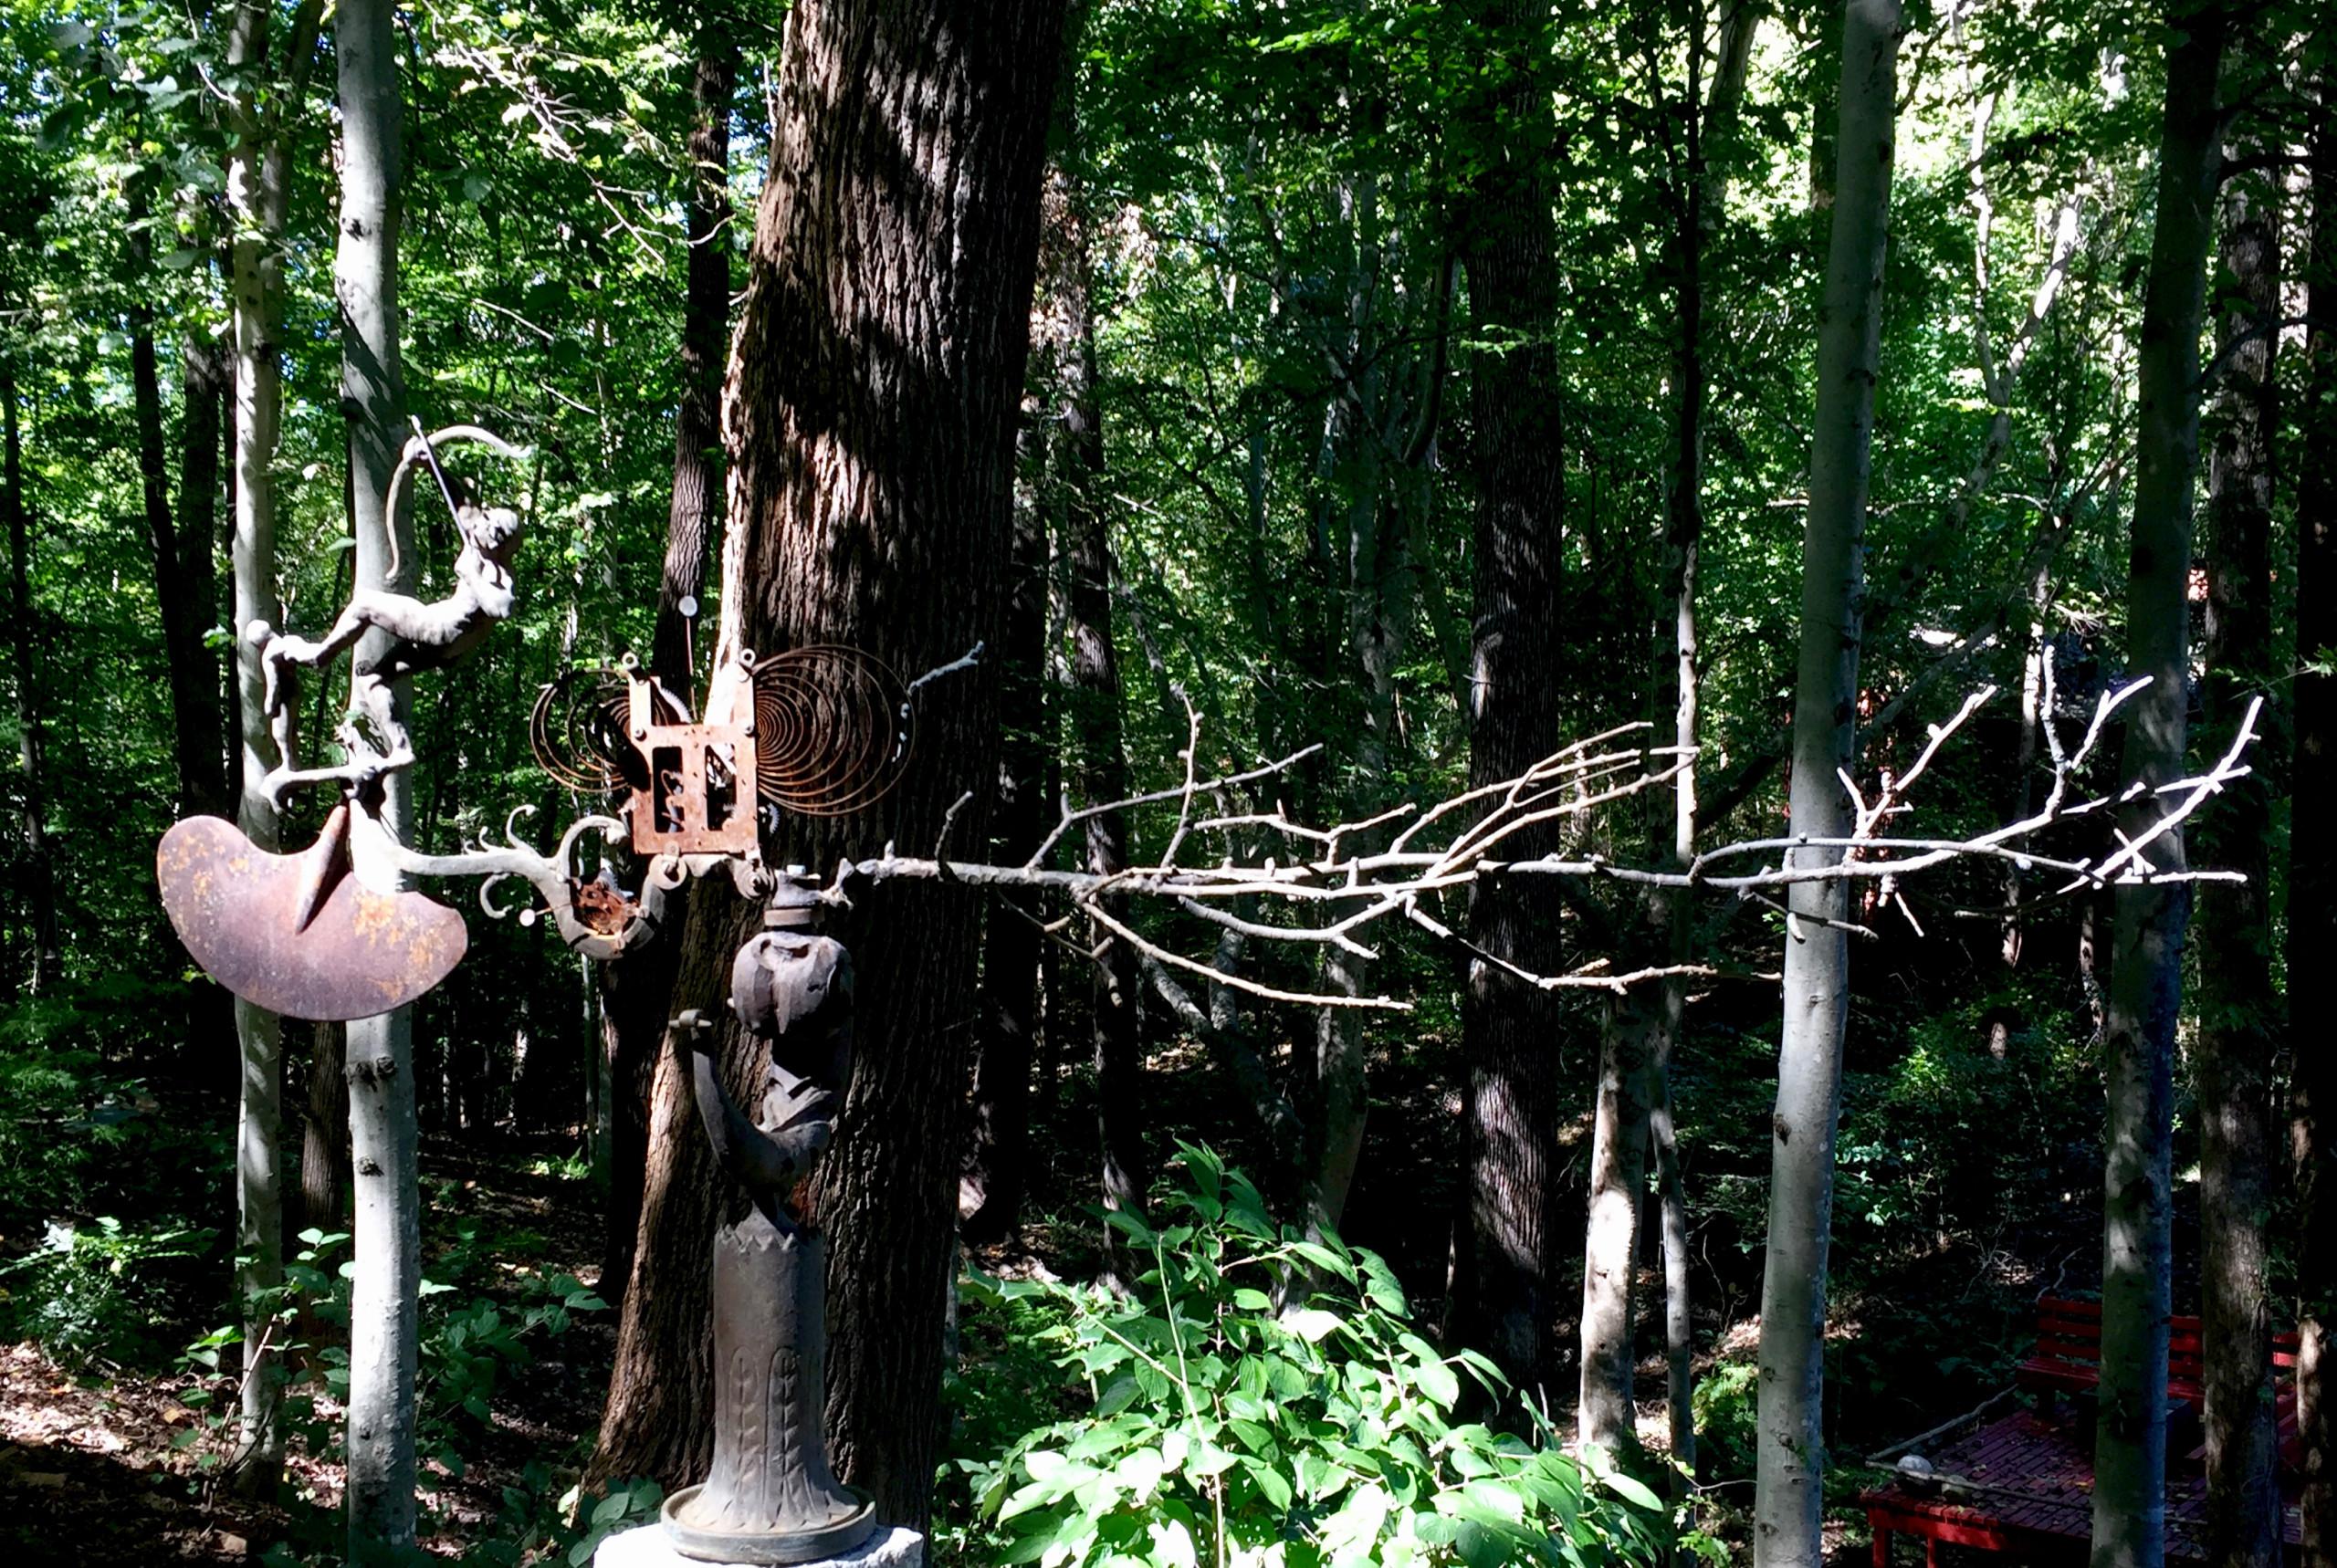 Sculpture at the garden entrance